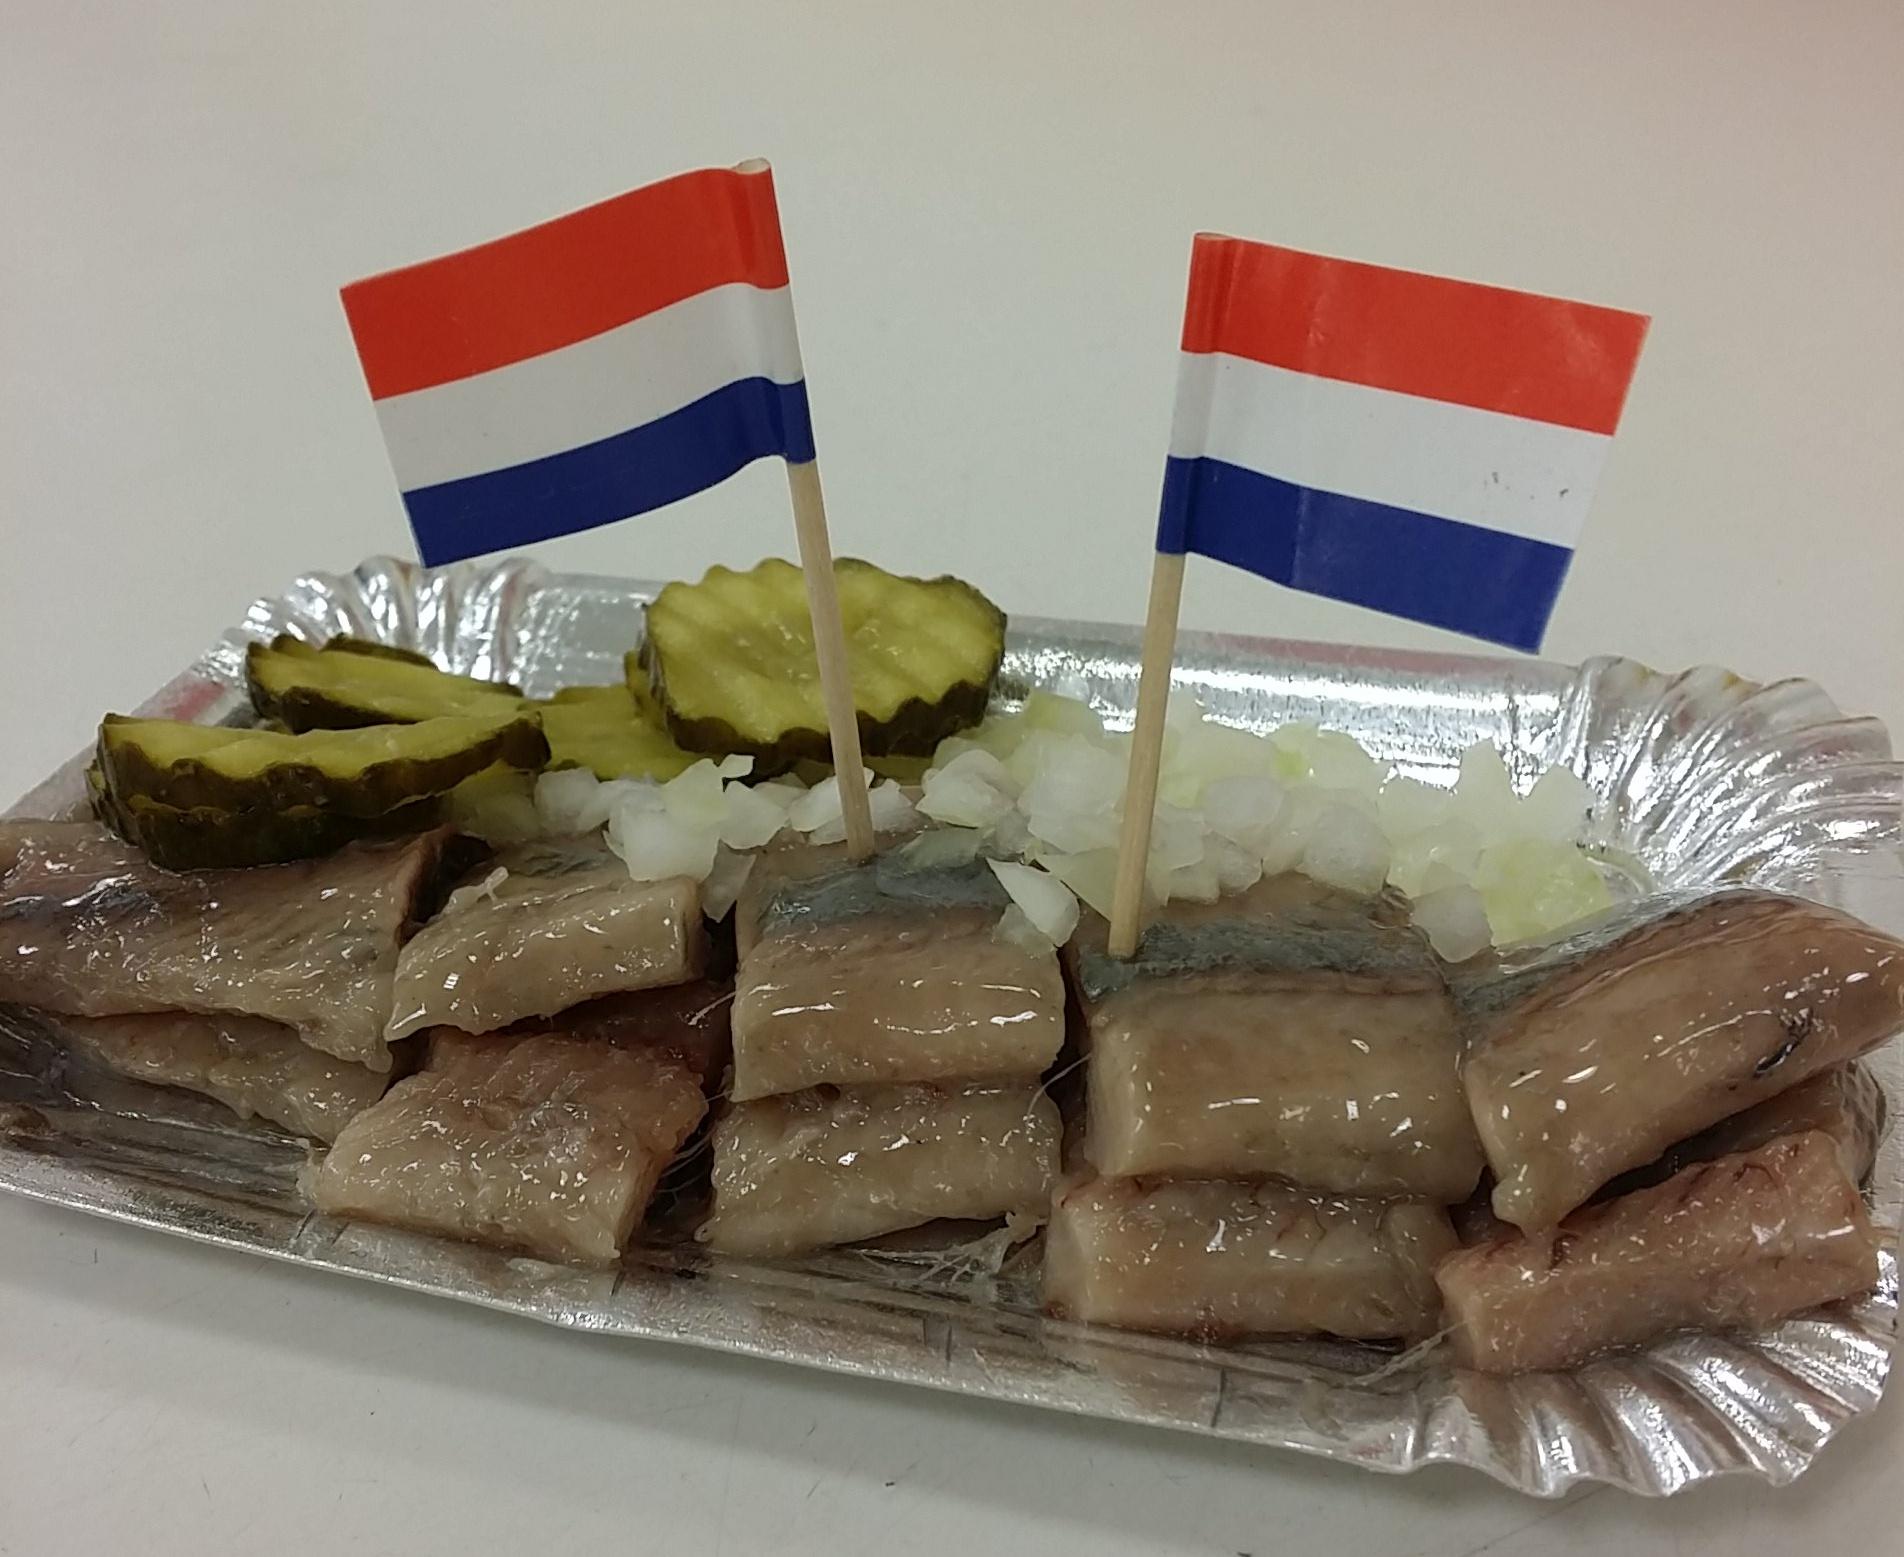 Haring bin Herring ikan khas Belanda. Ikan mentah tapi enak banget. Ke Belanda perlu coba ini.